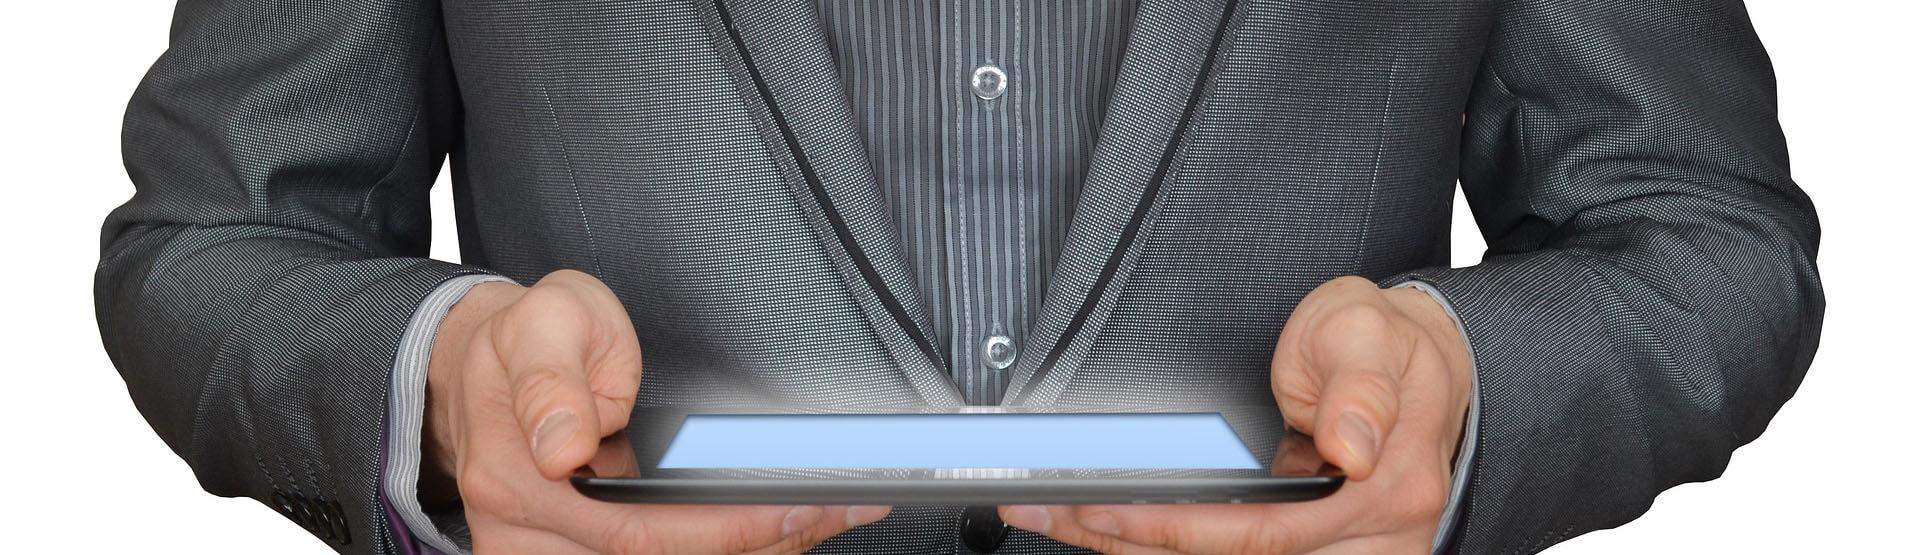 Un empresario en traje tiene una tablet entre sus manos y parece consultar un programa informático con interés.